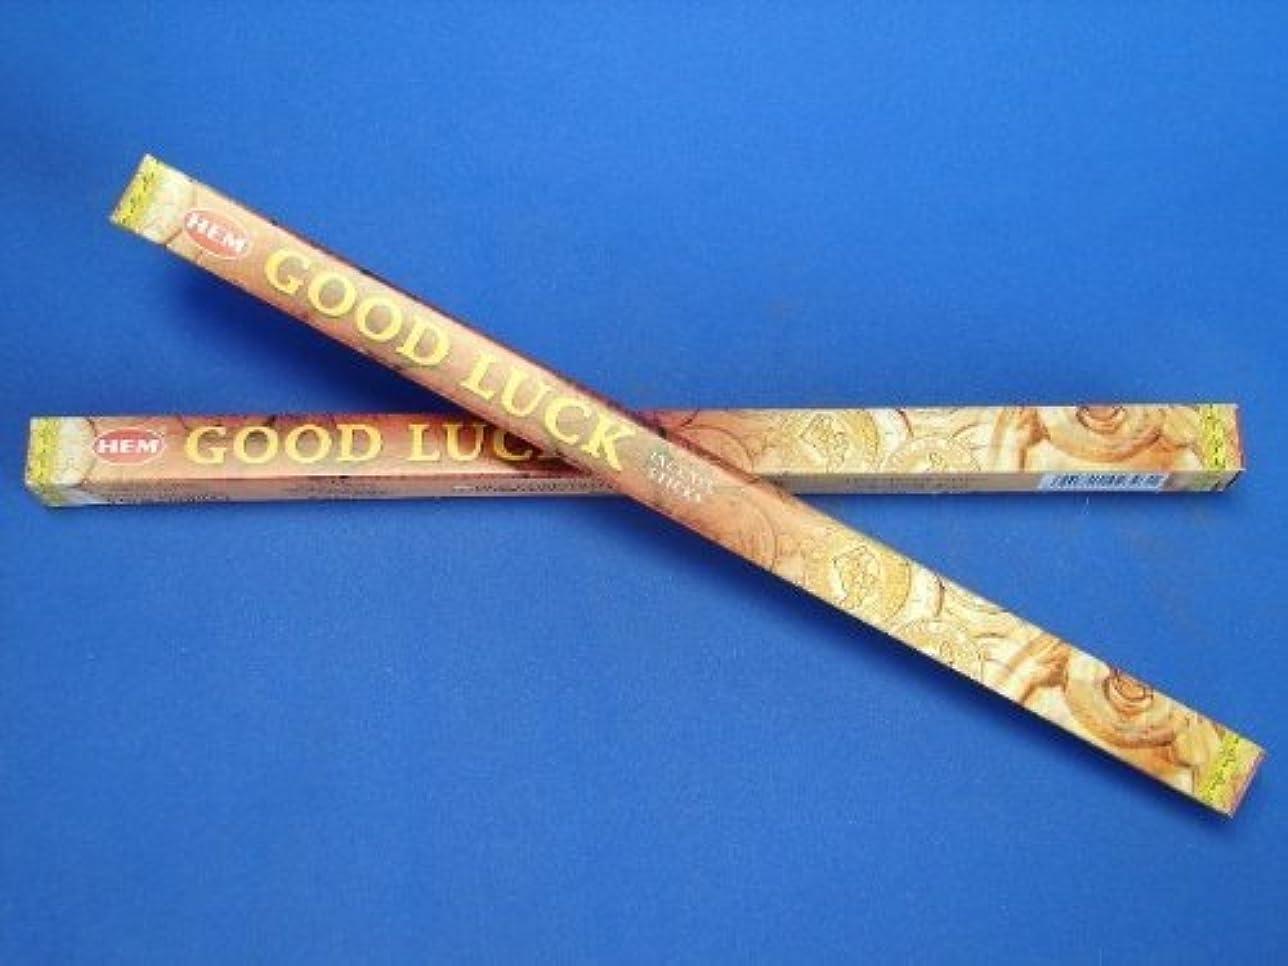 スリップシューズカトリック教徒ちらつき4 Boxes of HEM Good Luck Incenses